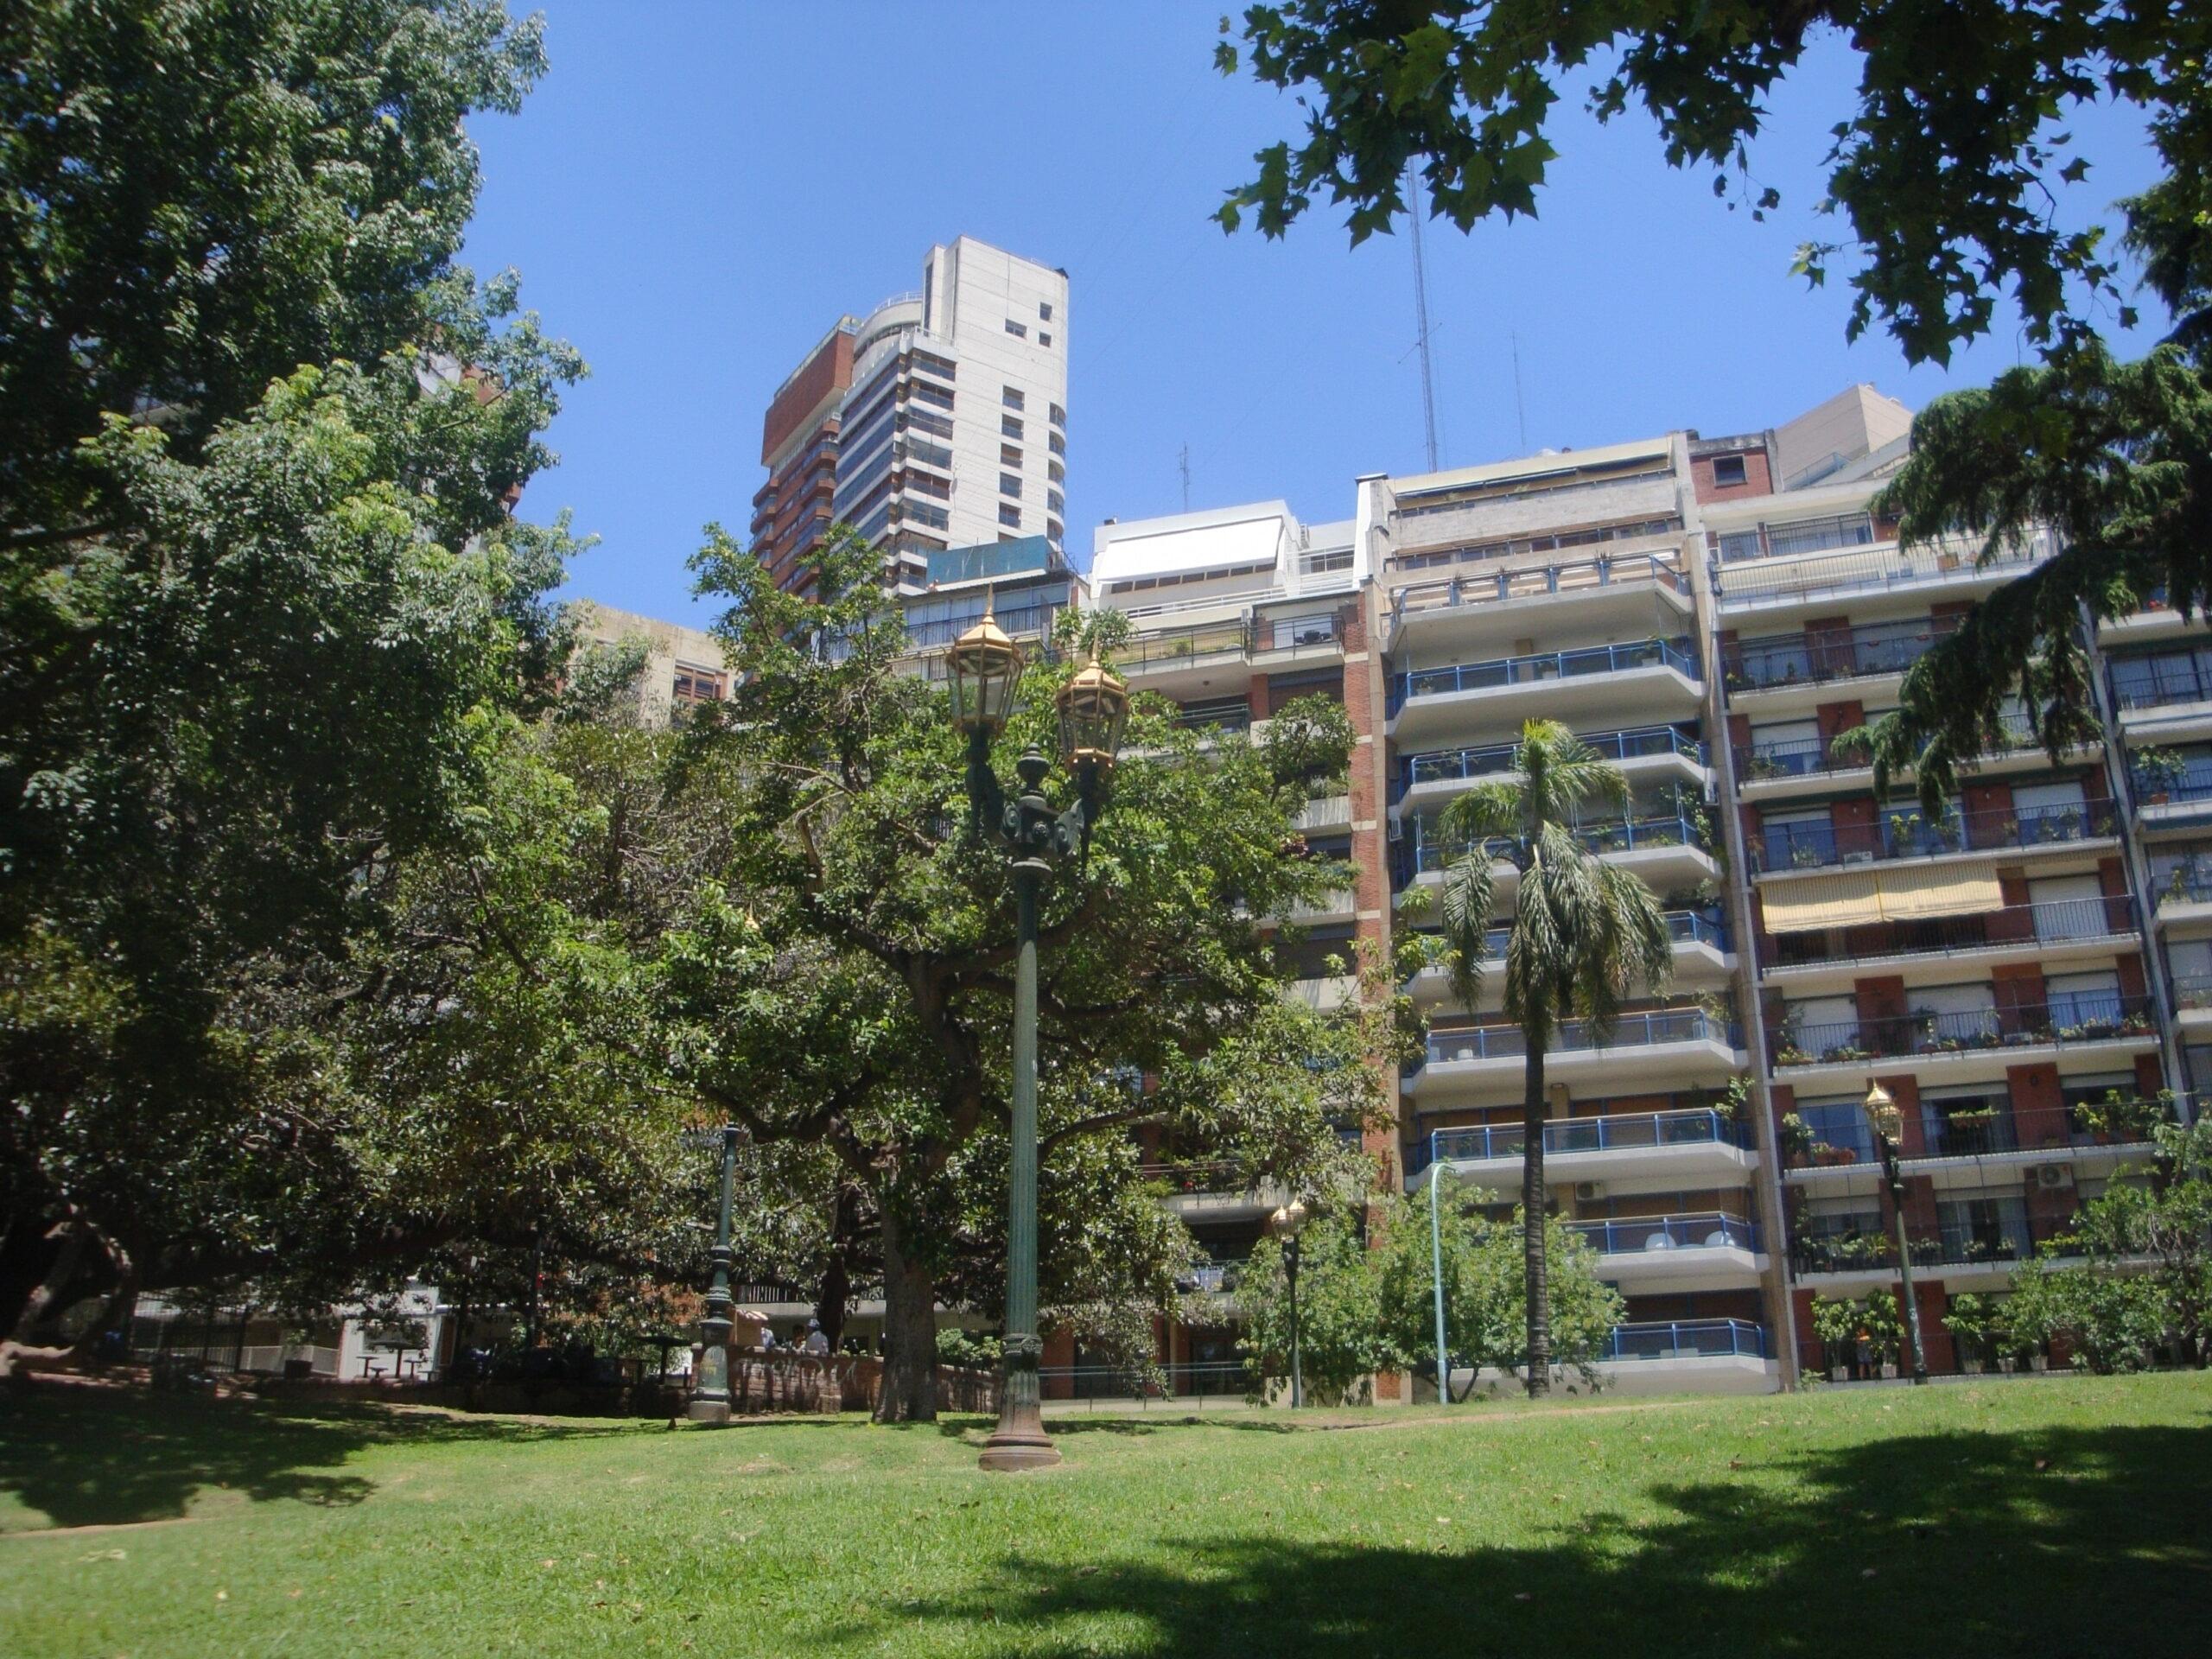 melhores-bairros-de-Buenos-Aires-belgrano